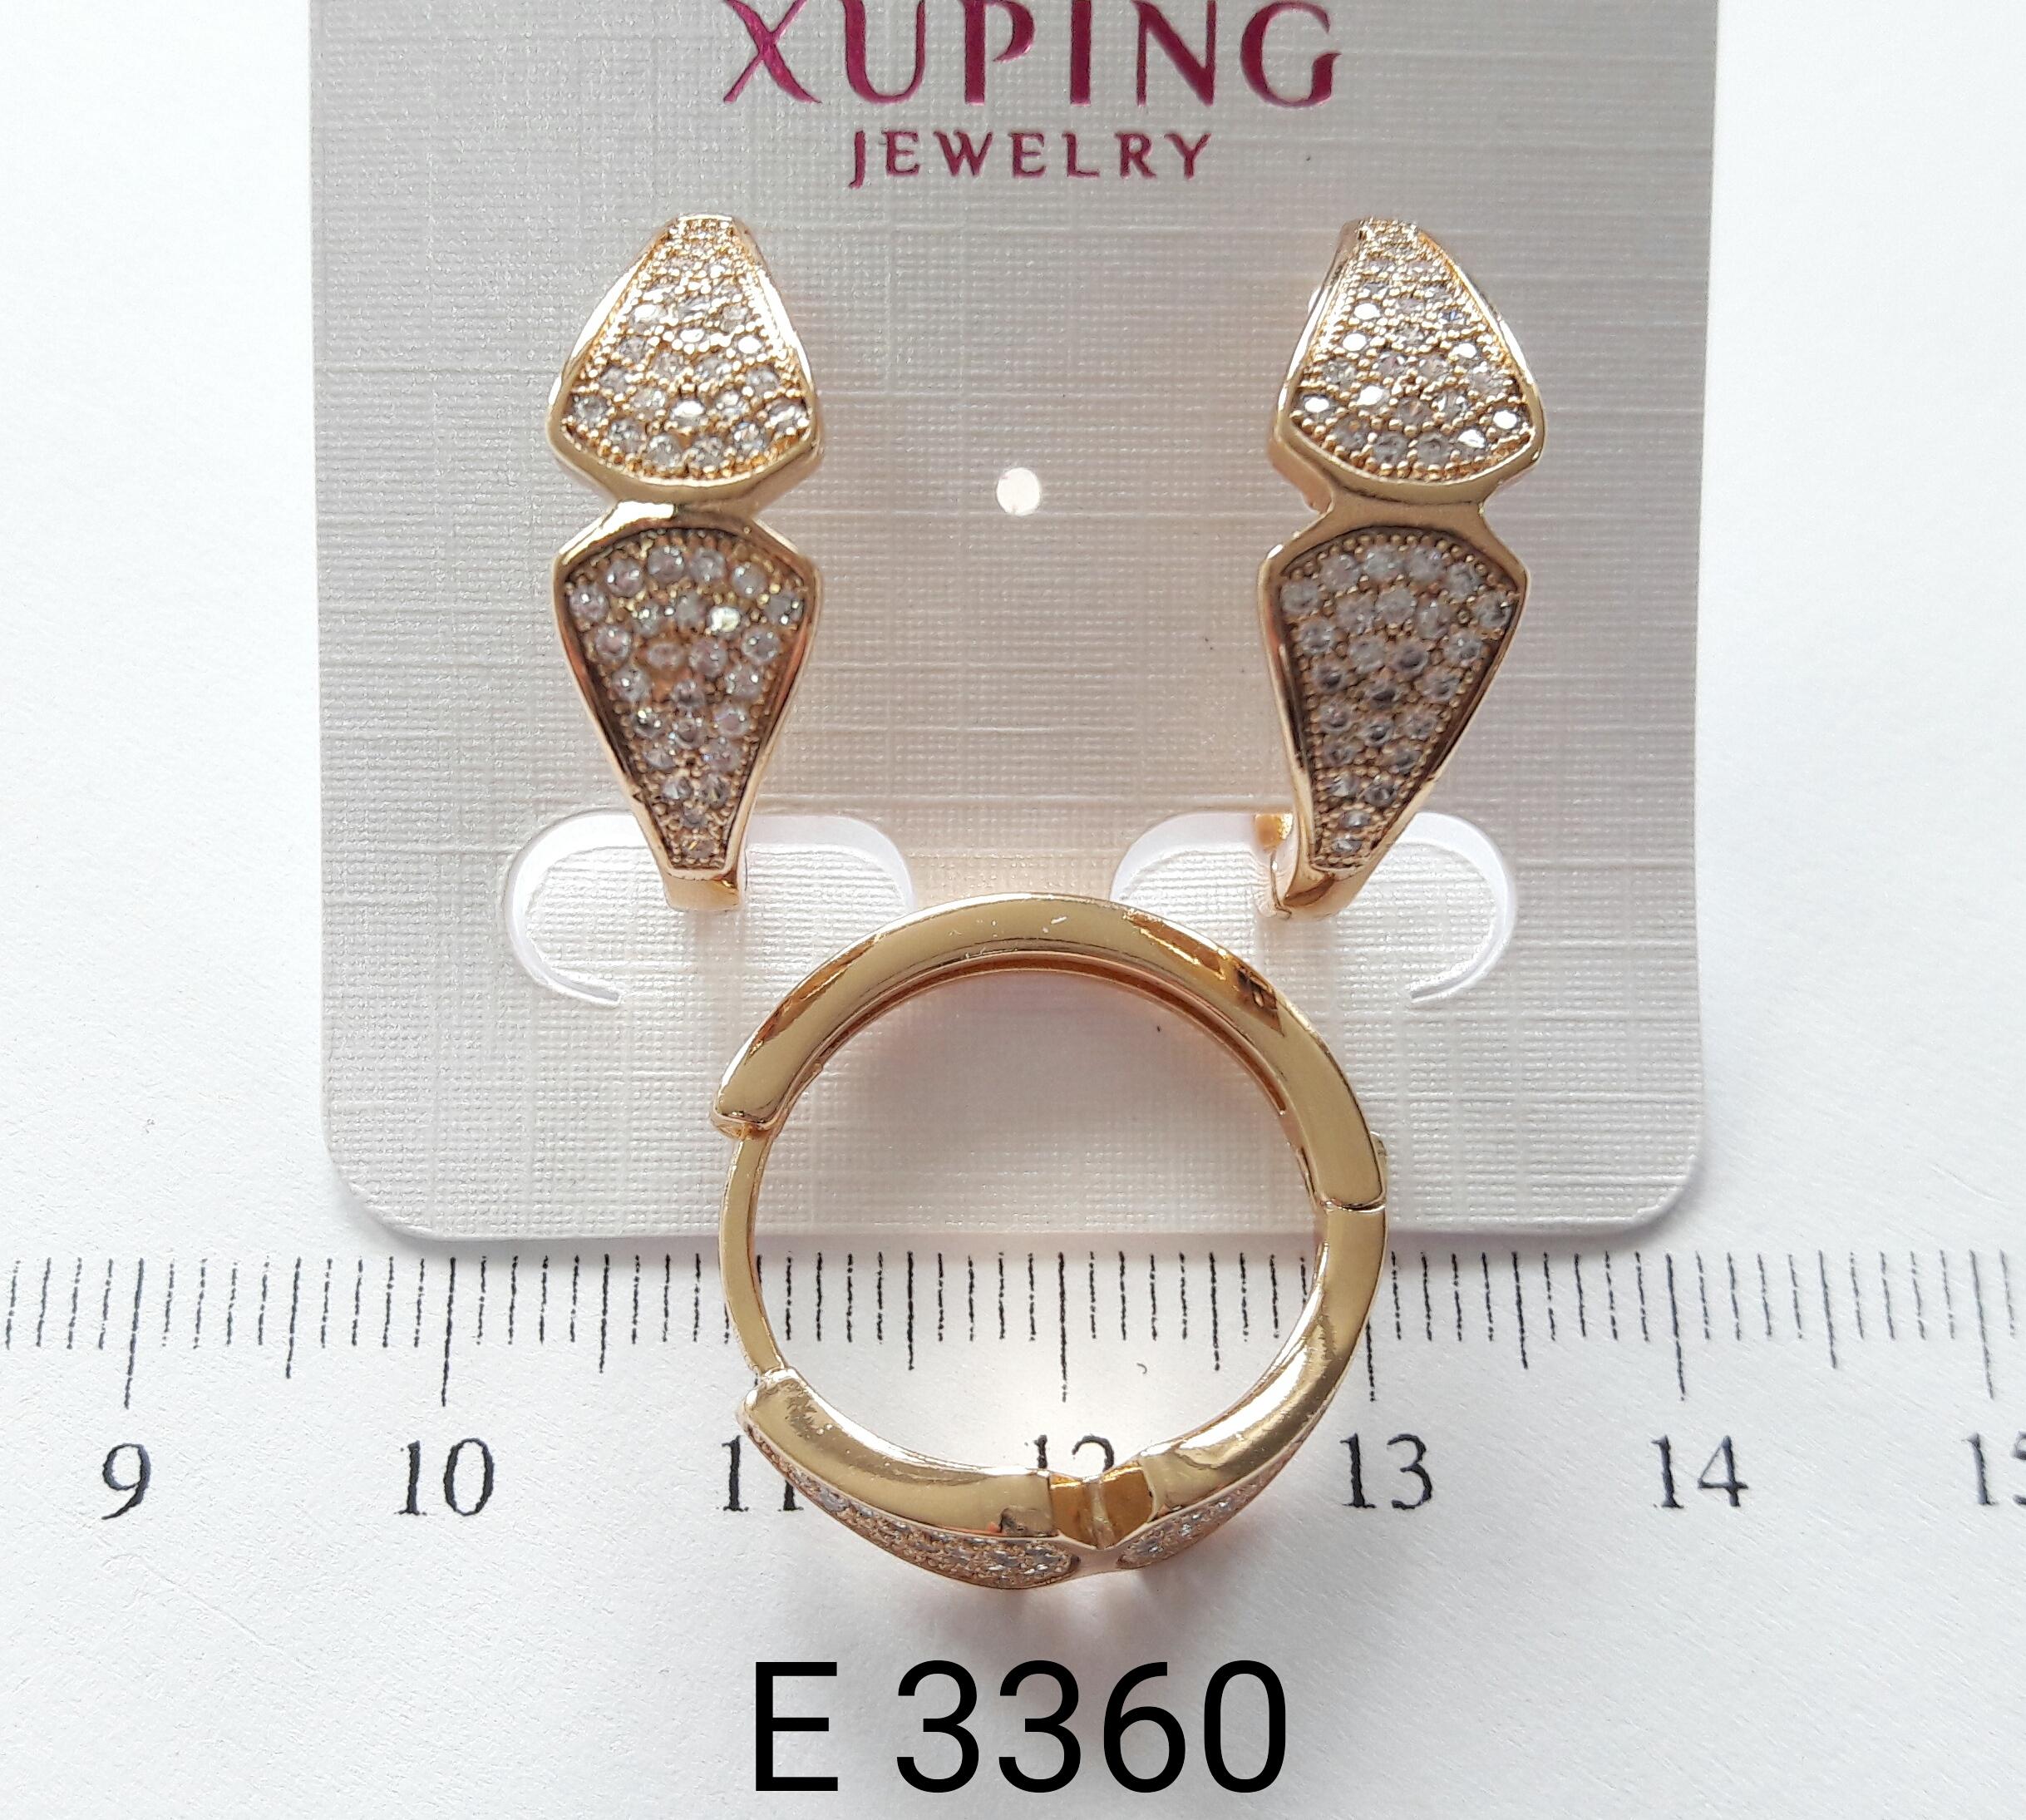 Ювелирная Бижутерия XP (золото)  df948ee916963